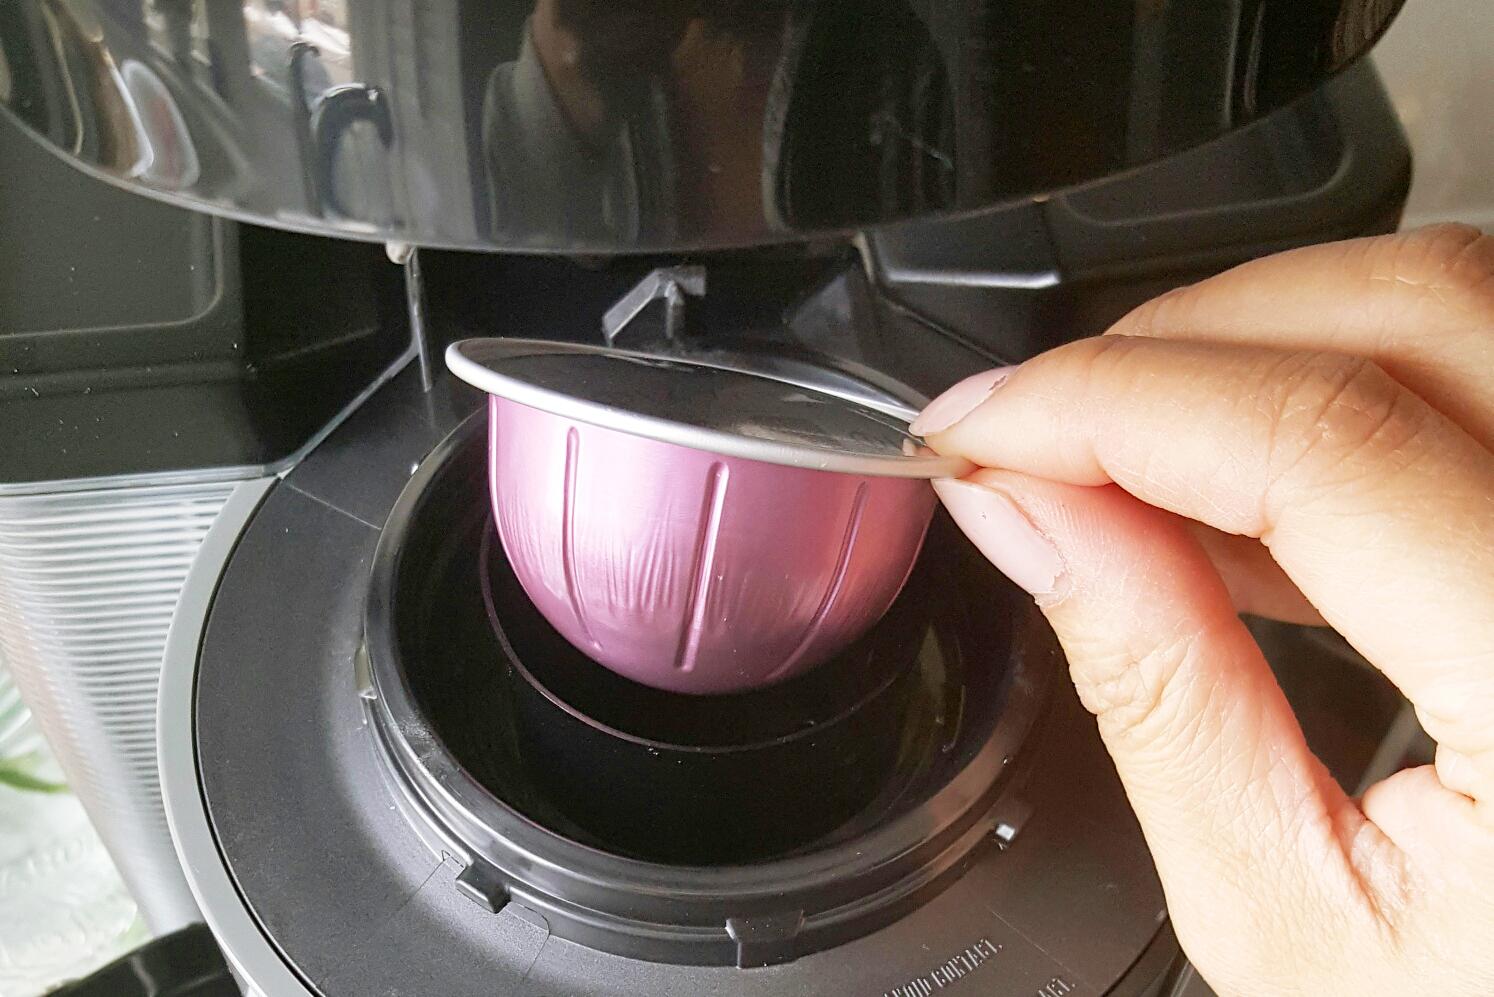 Nespresso VertuoLine 3